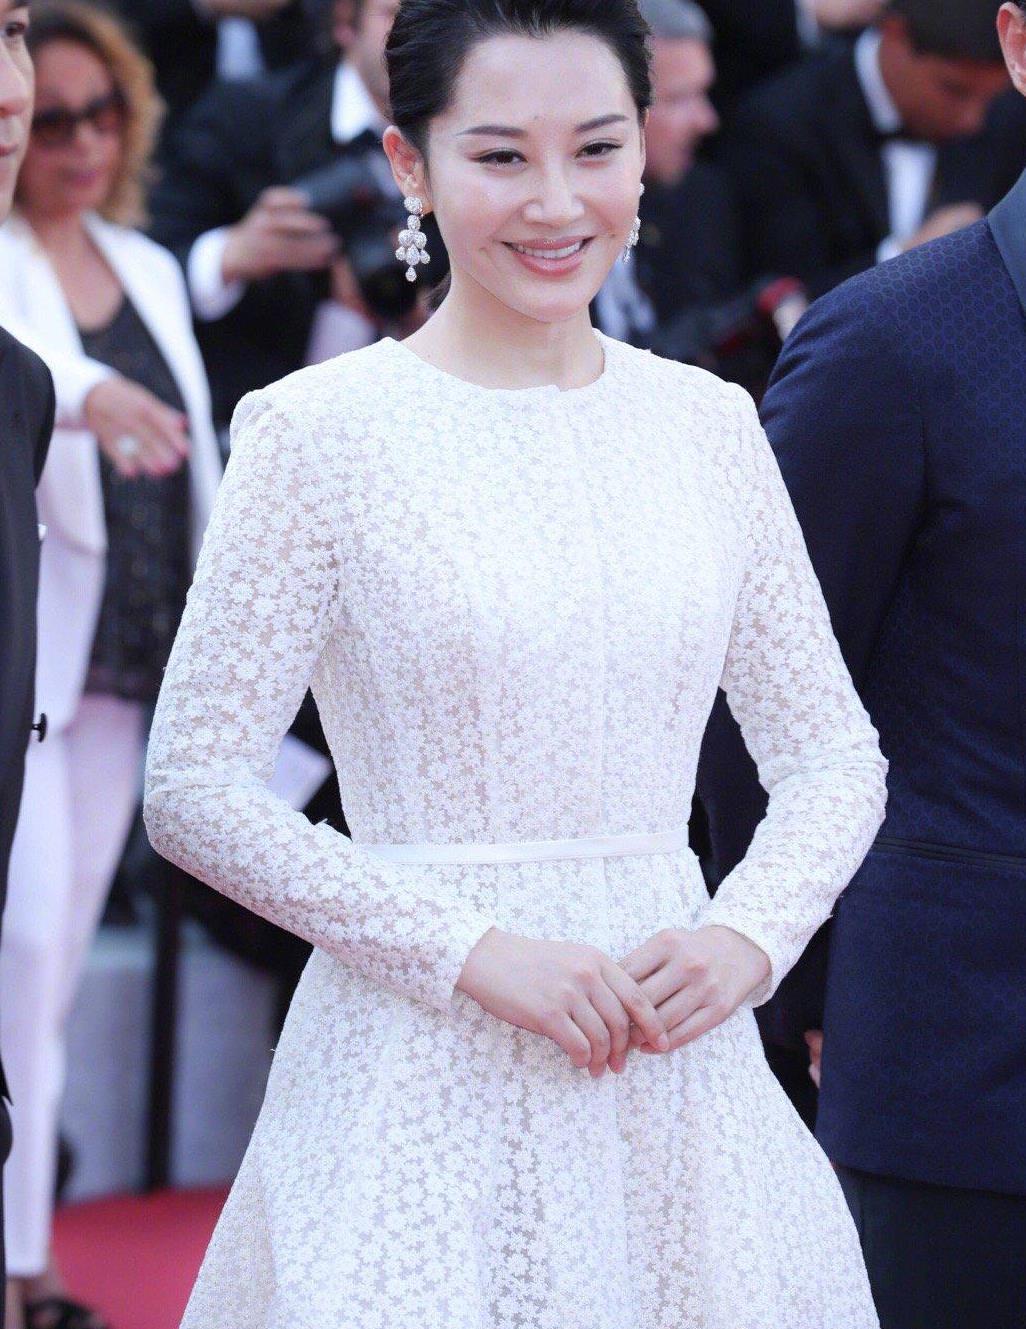 51岁许晴真不一般,低马尾都能显高贵,穿白色镂空礼服裙好甜美